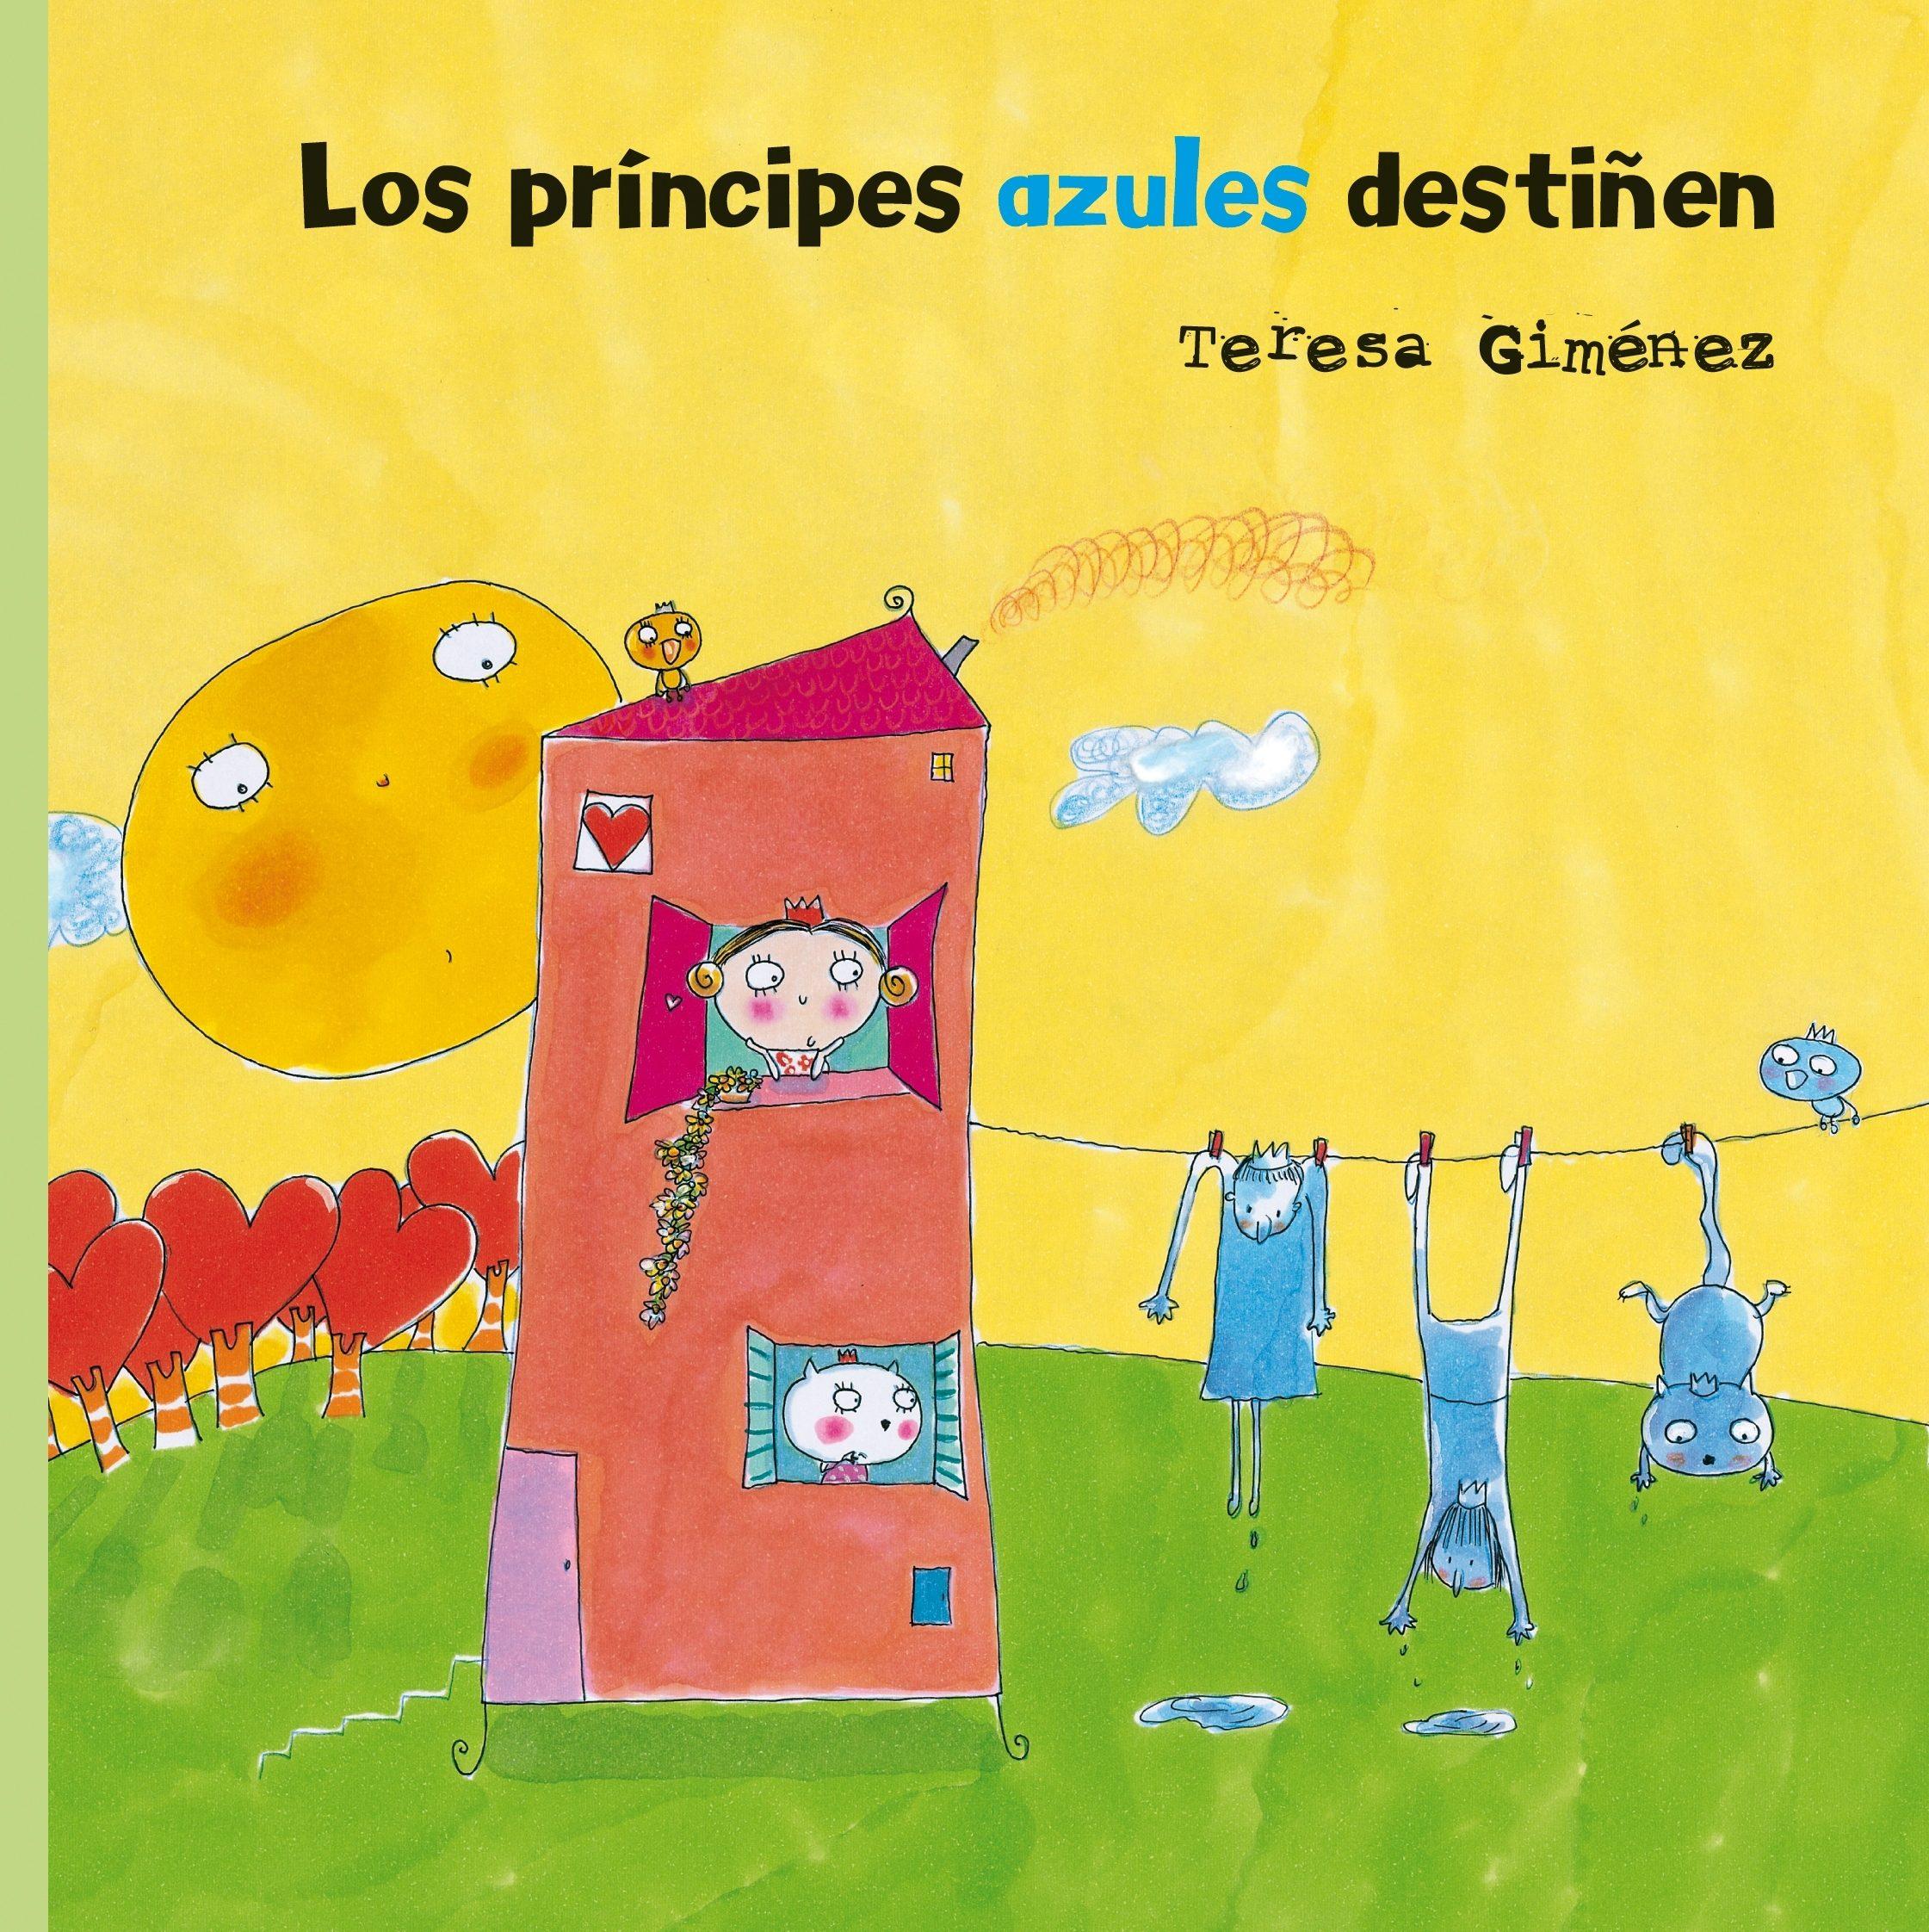 Los príncipes azules destiñen, de Teresa Giménez